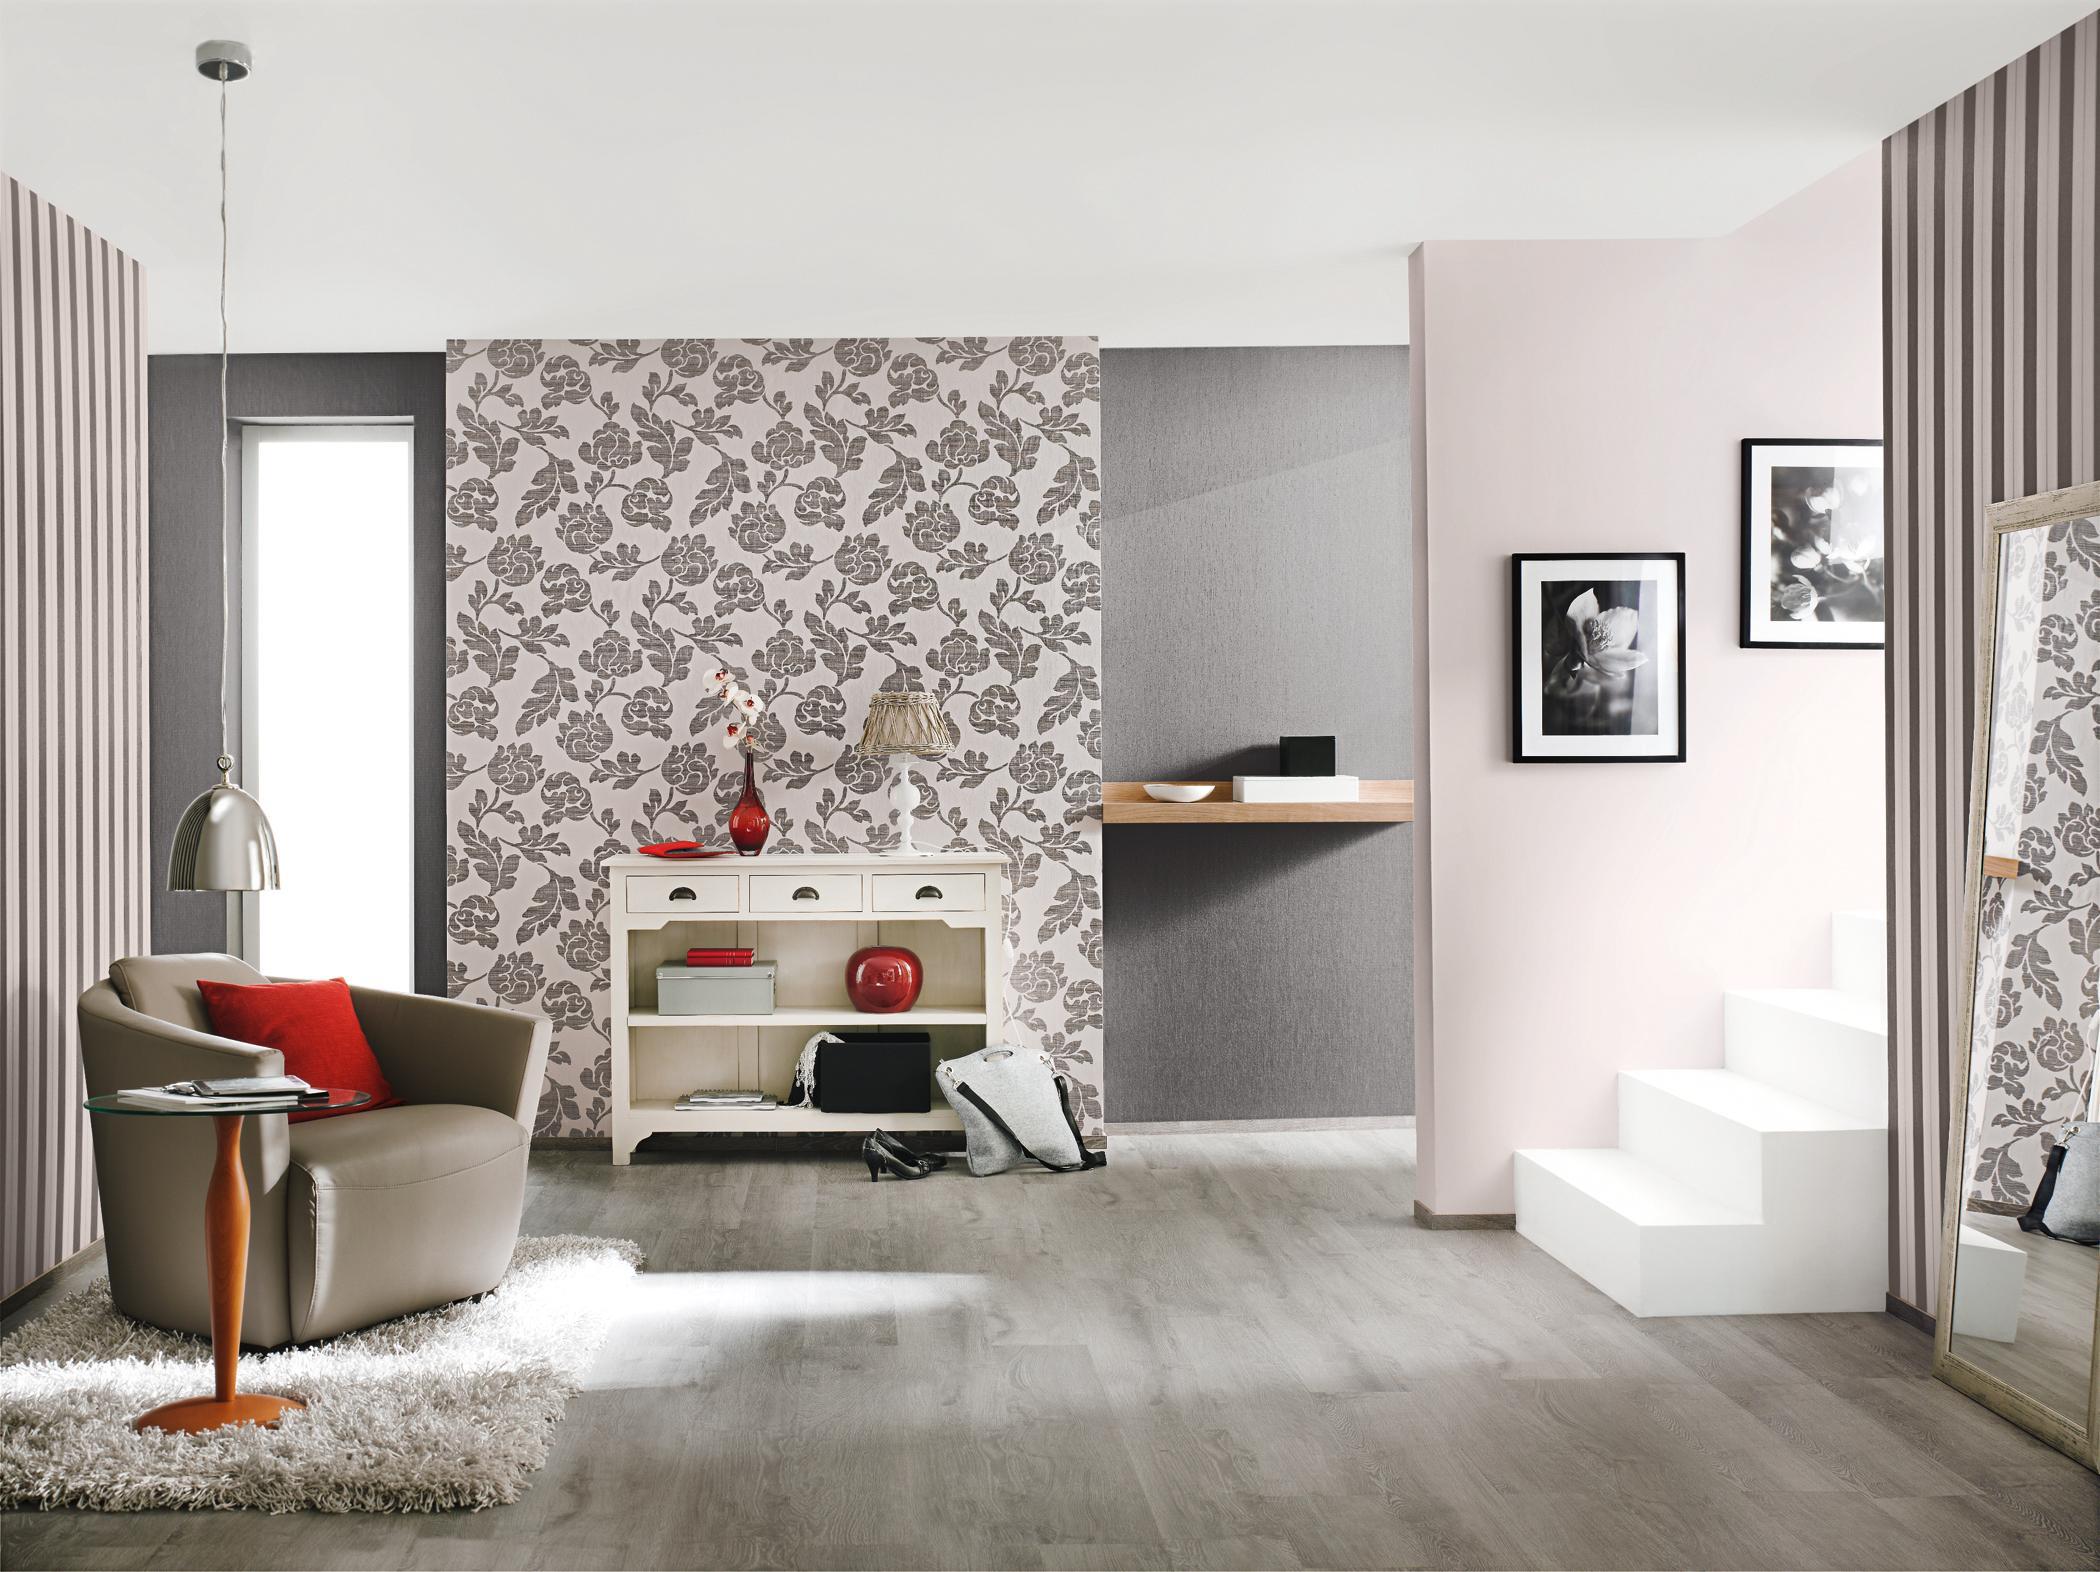 Wohnzimmergestaltung Mit Verschiedenen Mustertapeten #beistelltisch  #wandfarbe #sessel #wandgestaltung #kommode #mustertapete